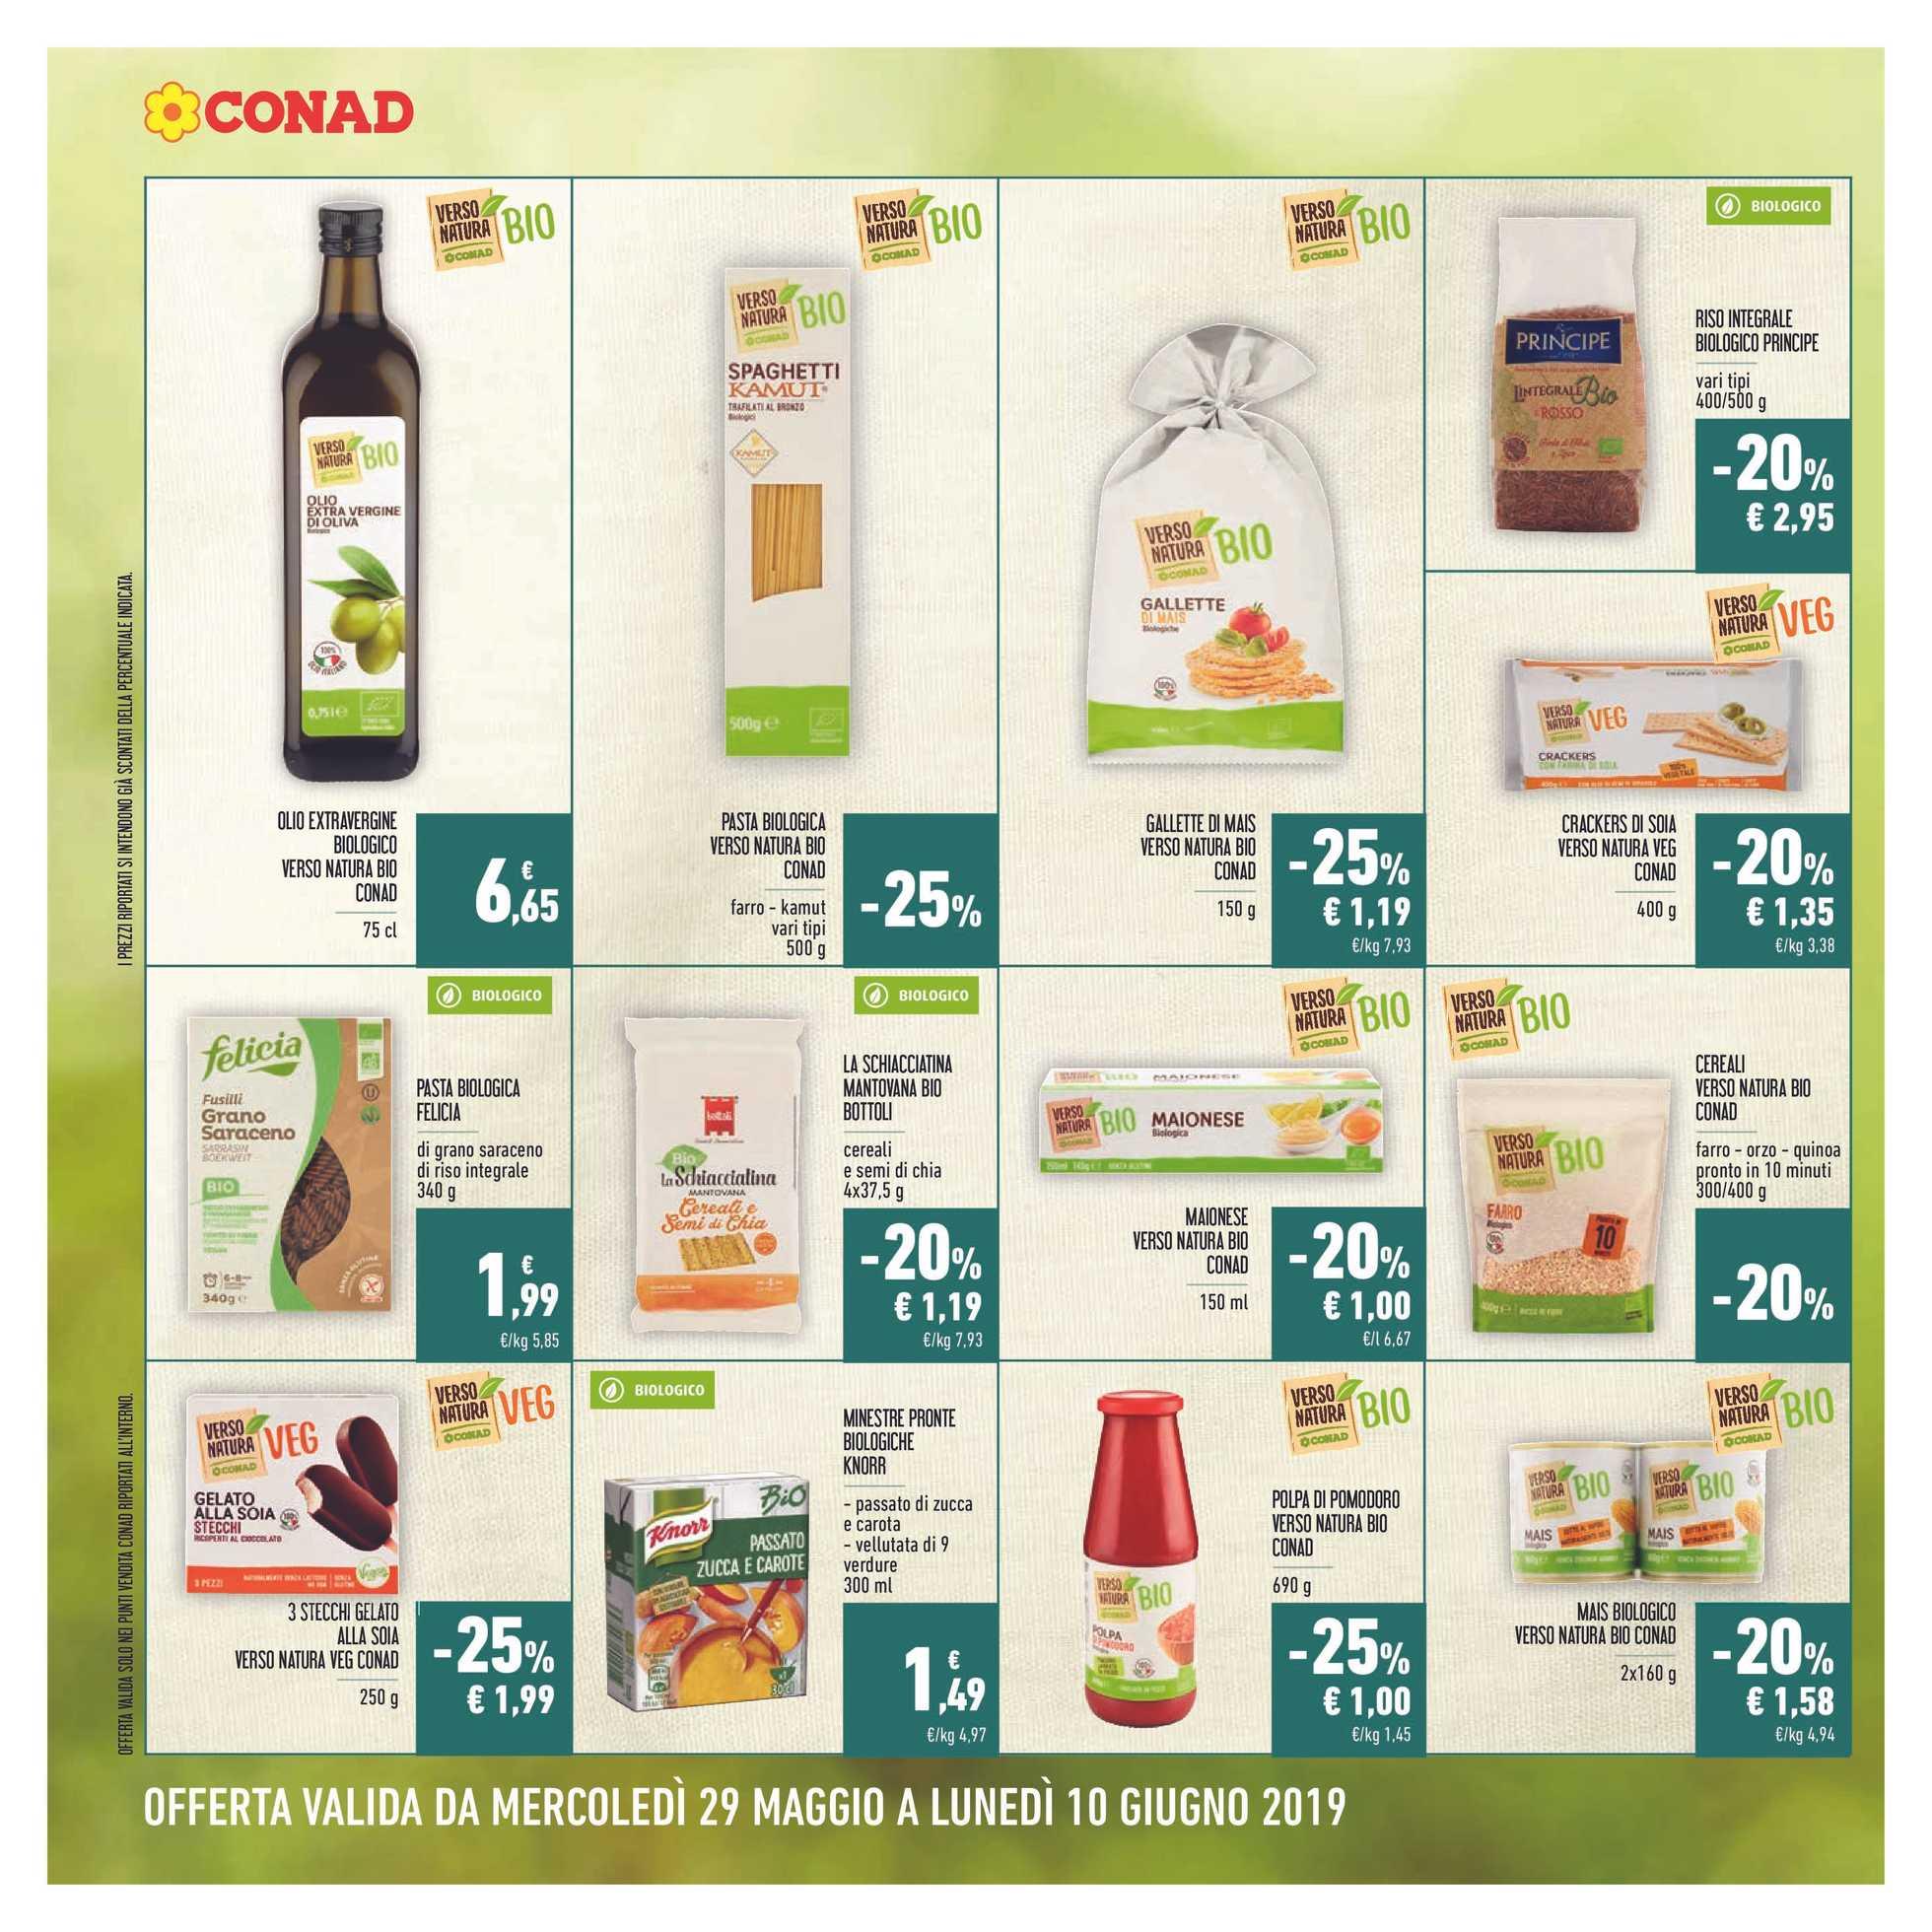 Conad - offerte valide dal 29.05.2019 al 10.06.2019 - pagina 4.